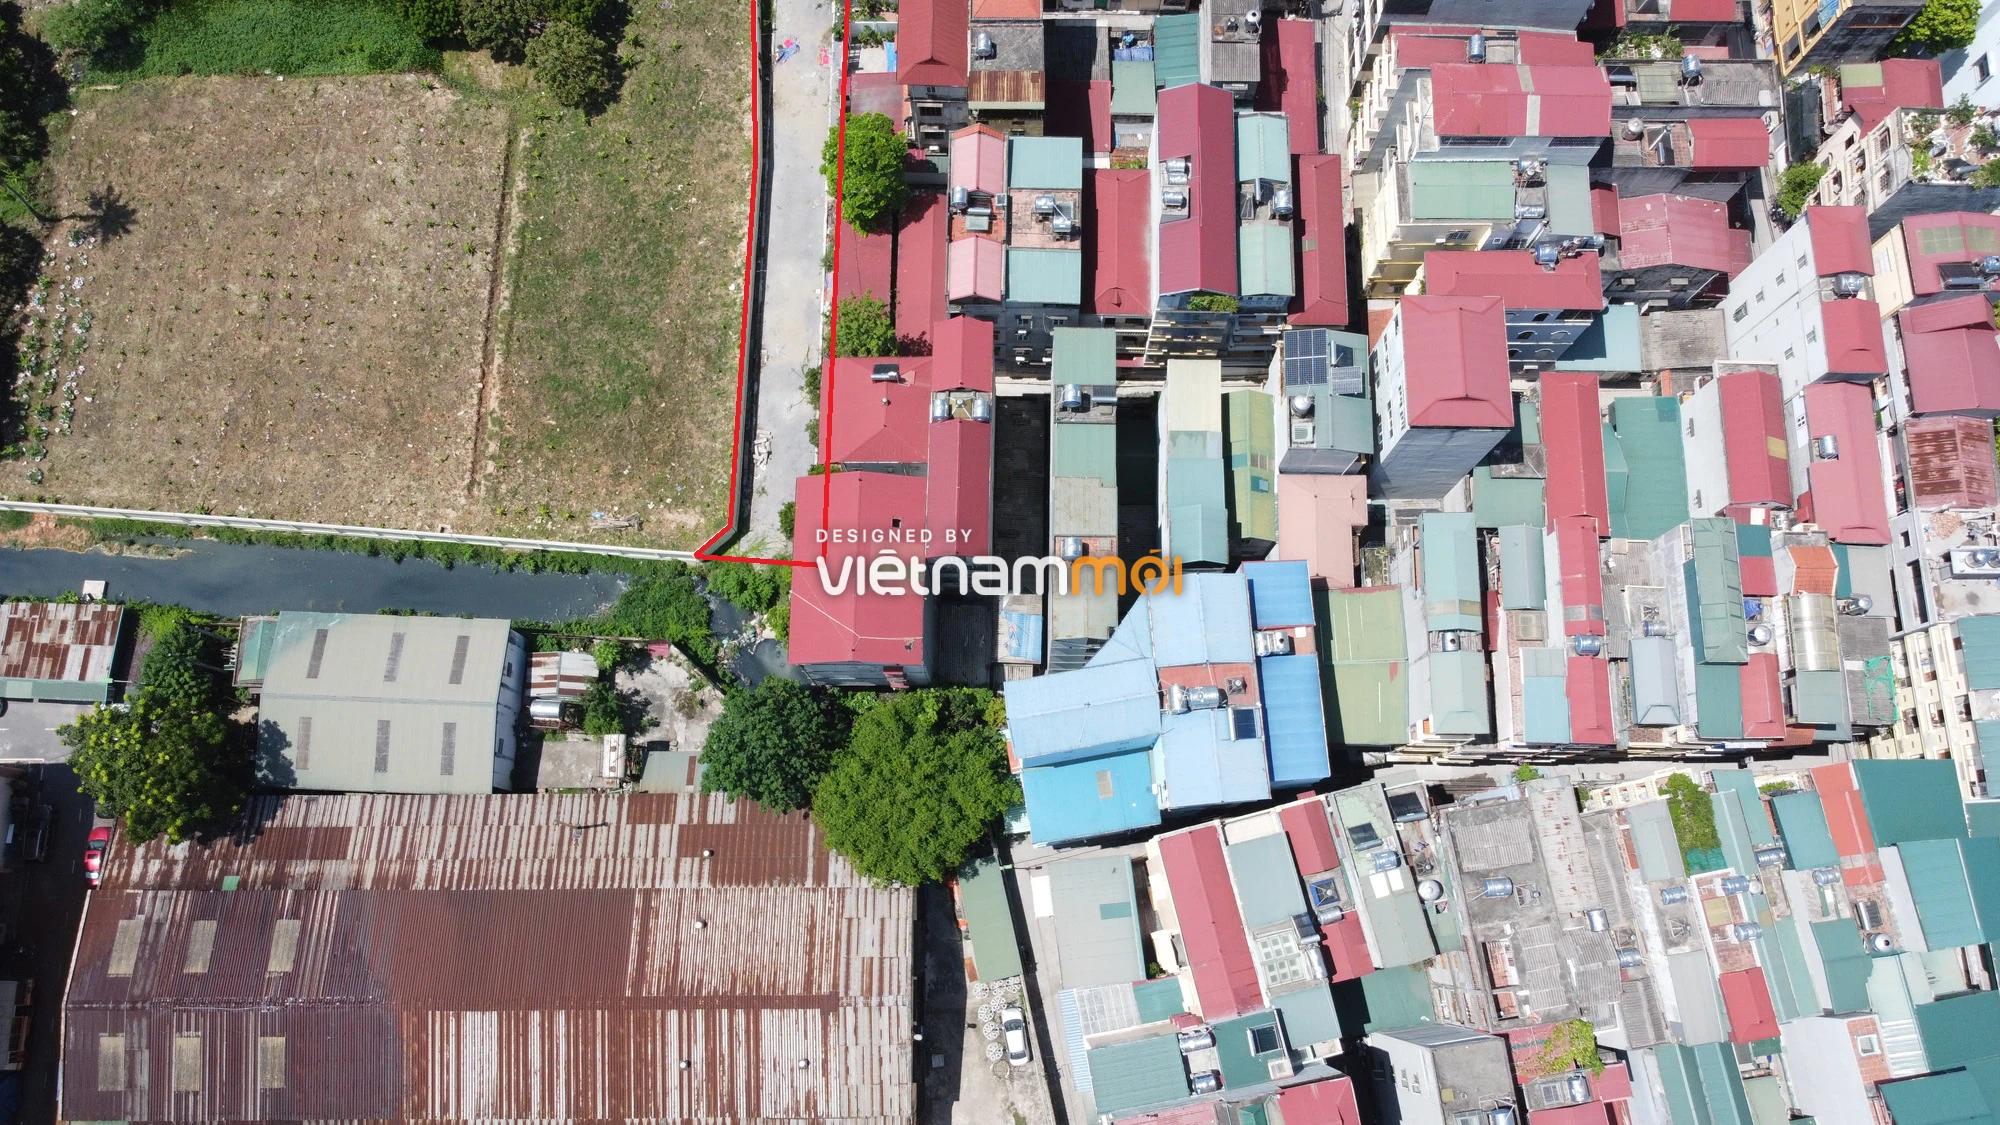 Những khu đất sắp thu hồi để mở đường ở quận Bắc Từ Liêm, Hà Nội (phần 3) - Ảnh 12.